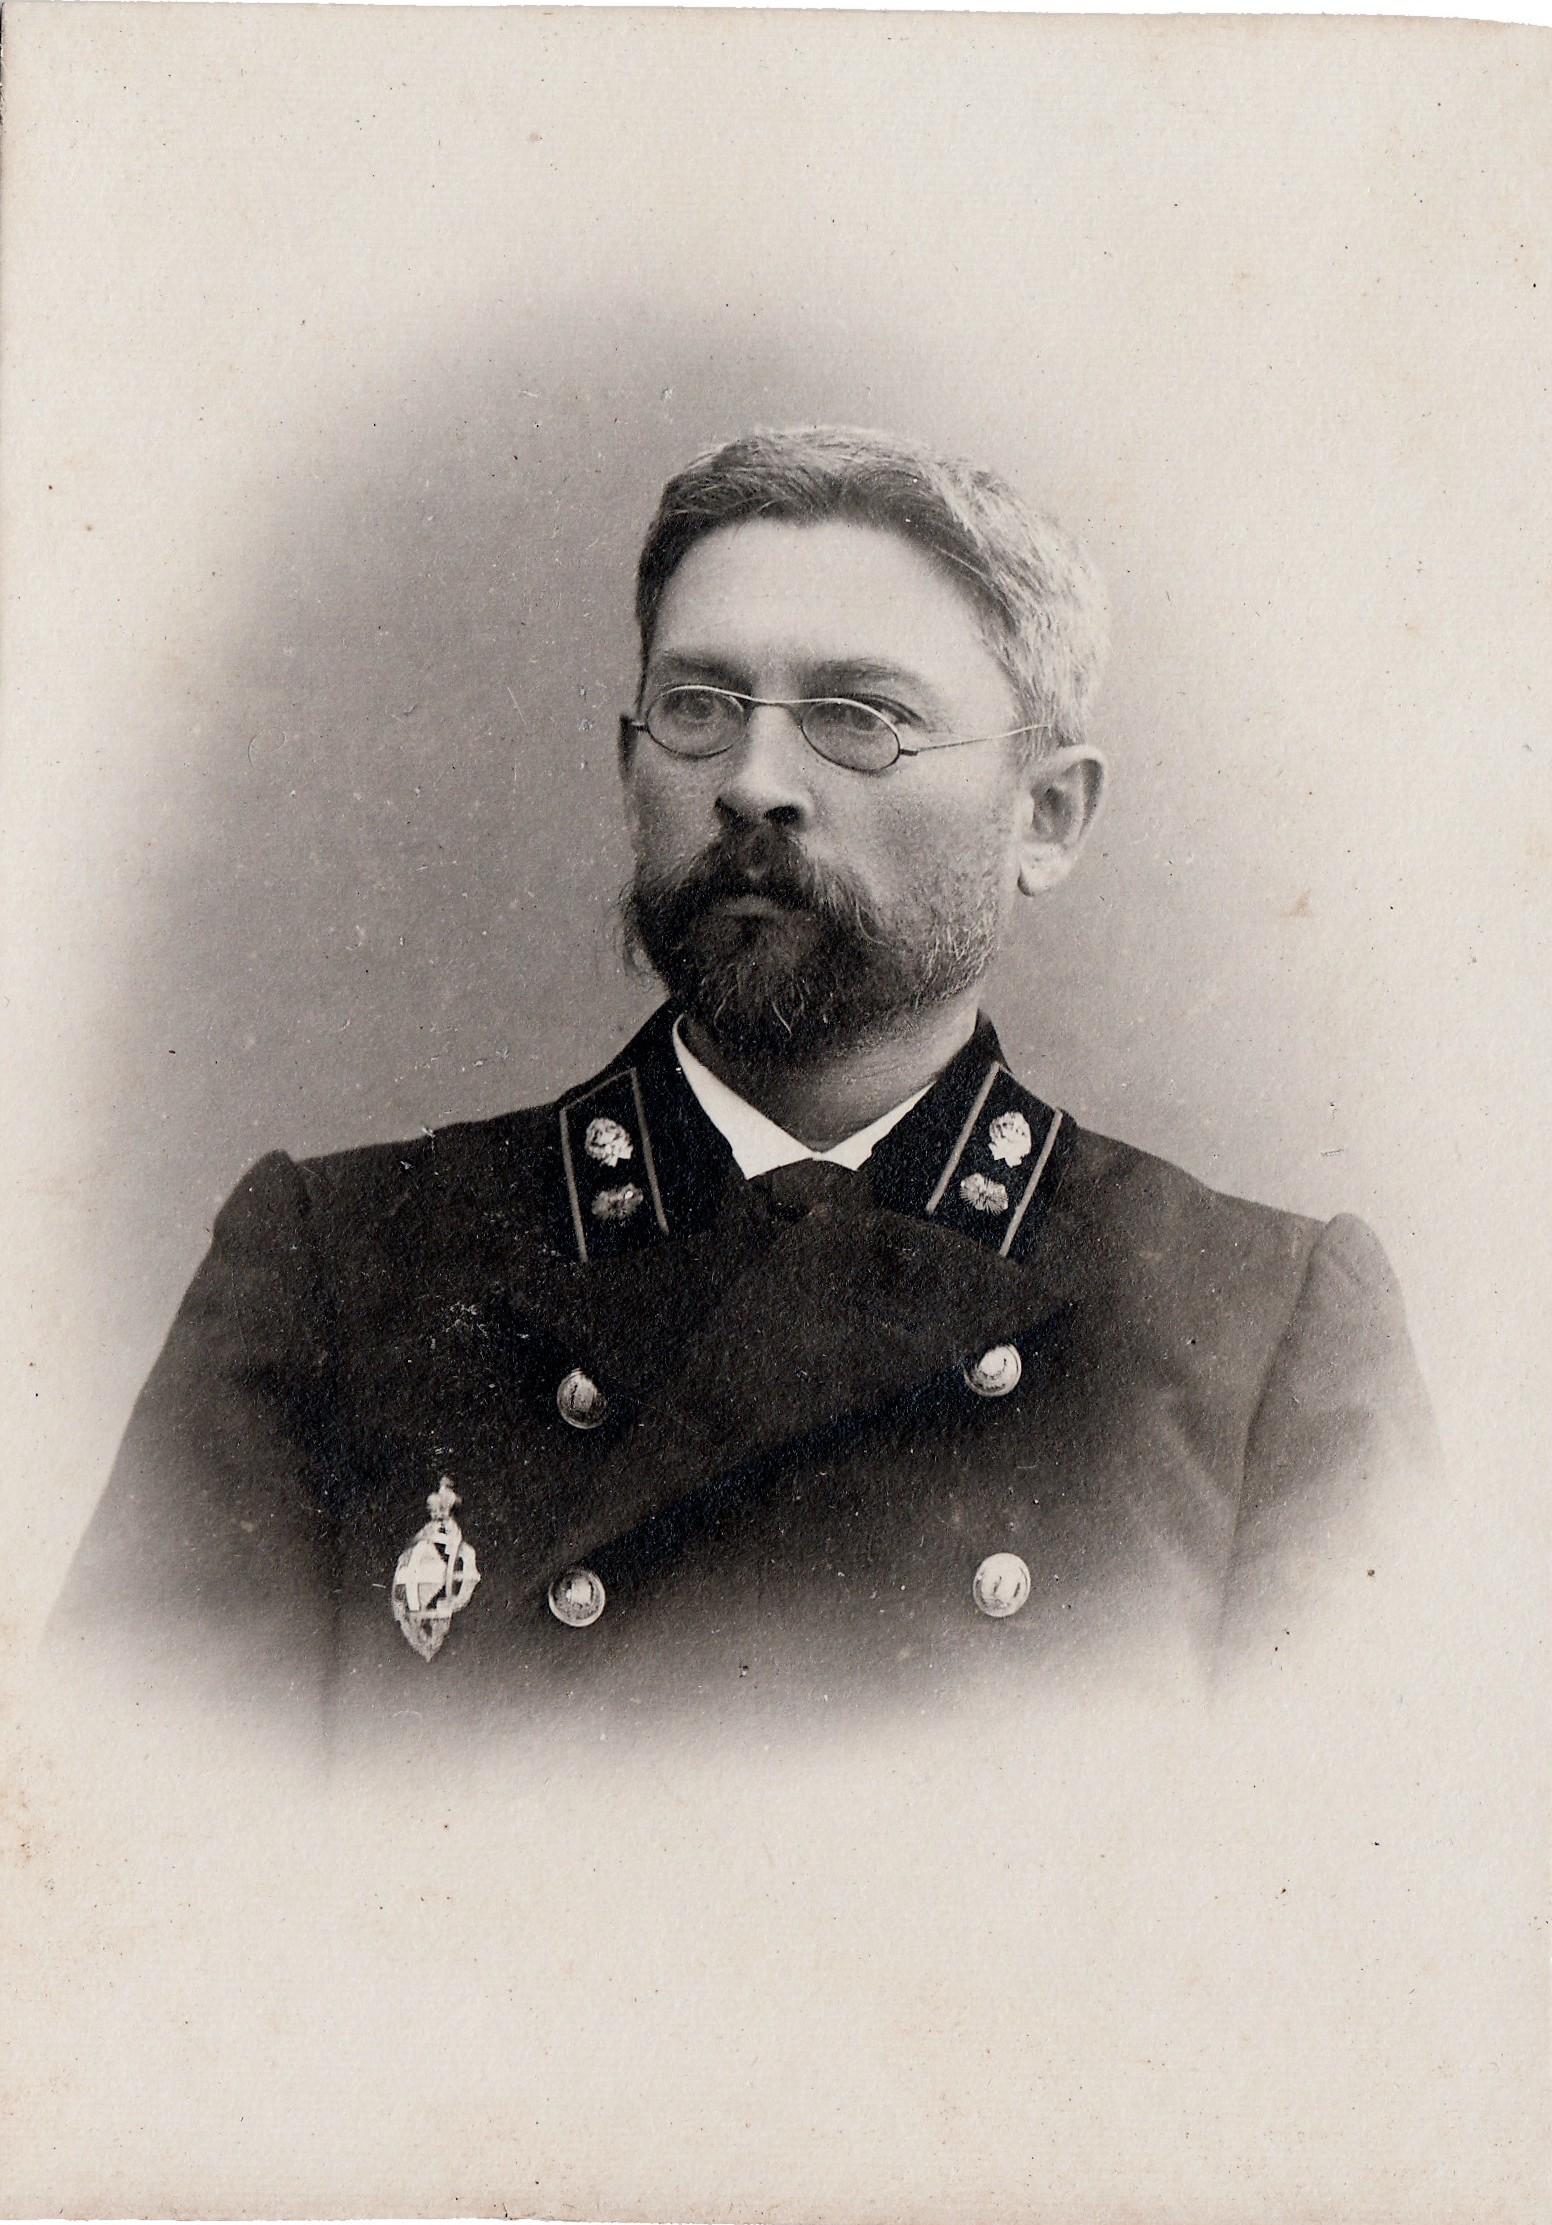 Левкоев Иван Григорьевич, статский советник – латынь (умер 5 (9) марта 1915 года в возрасте 53 лет, от воспаления сердечной оболочки и печени